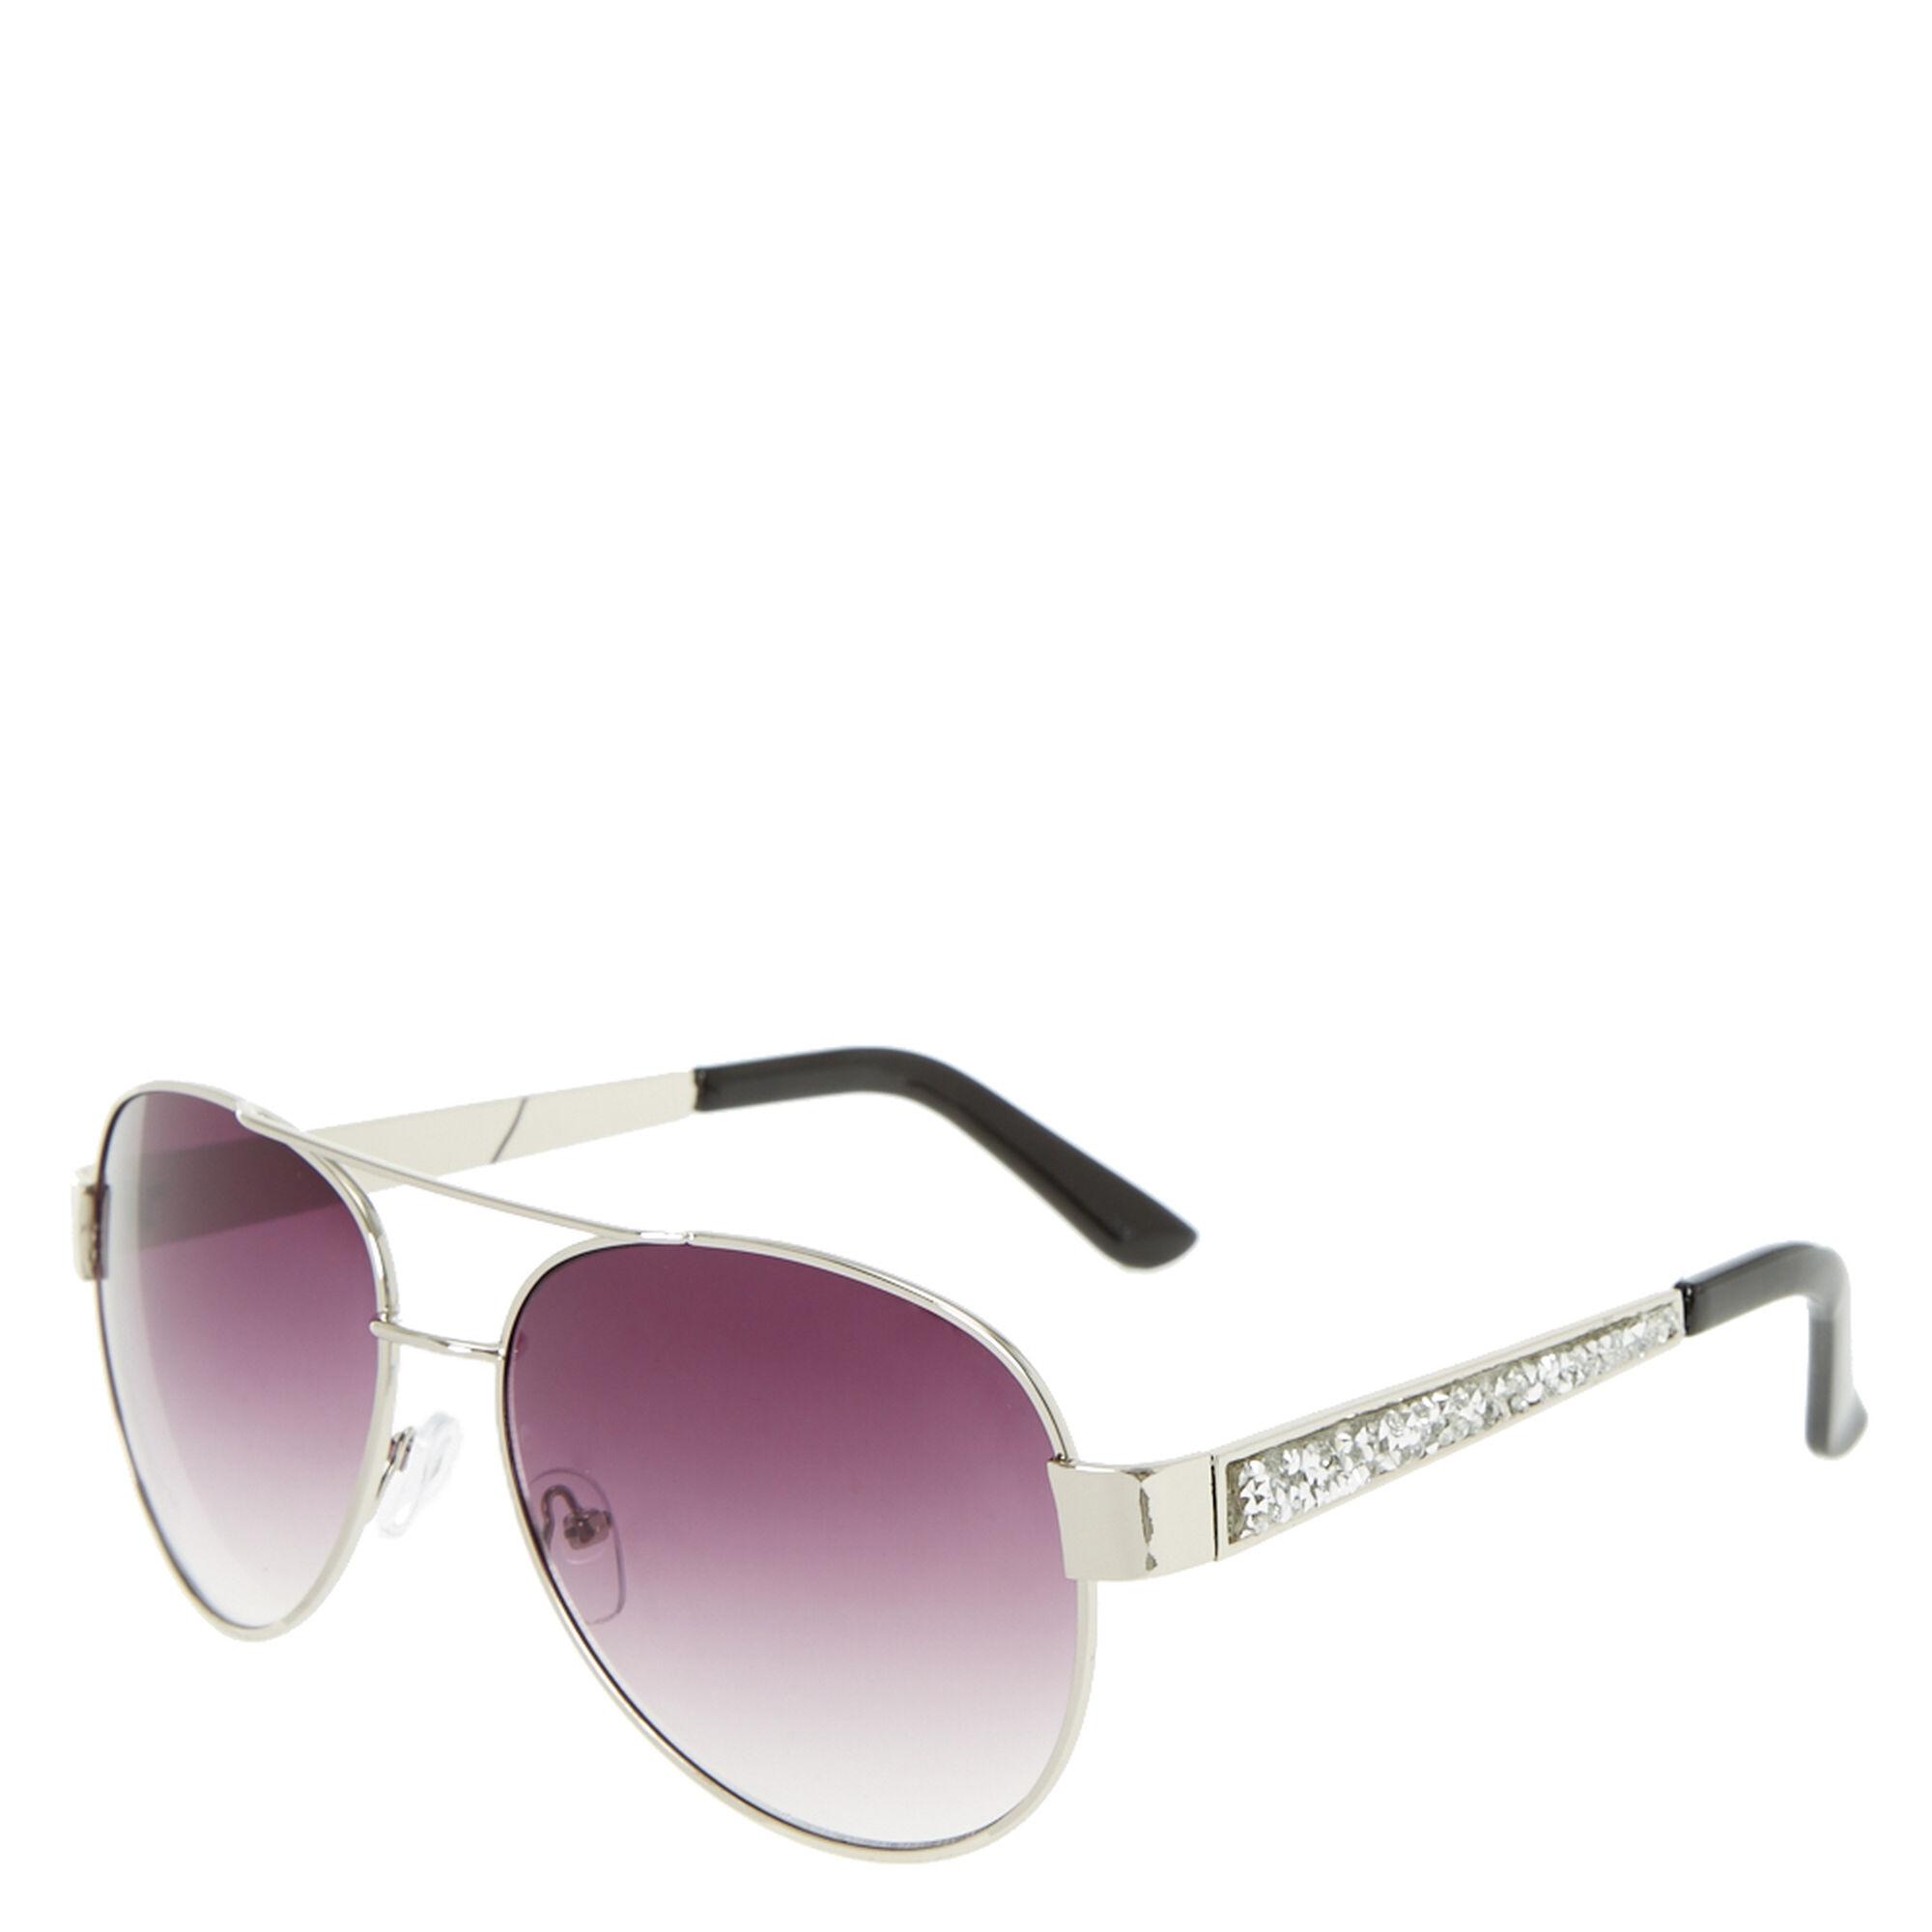 Stone Arm Aviator Sunglasses  446412e68